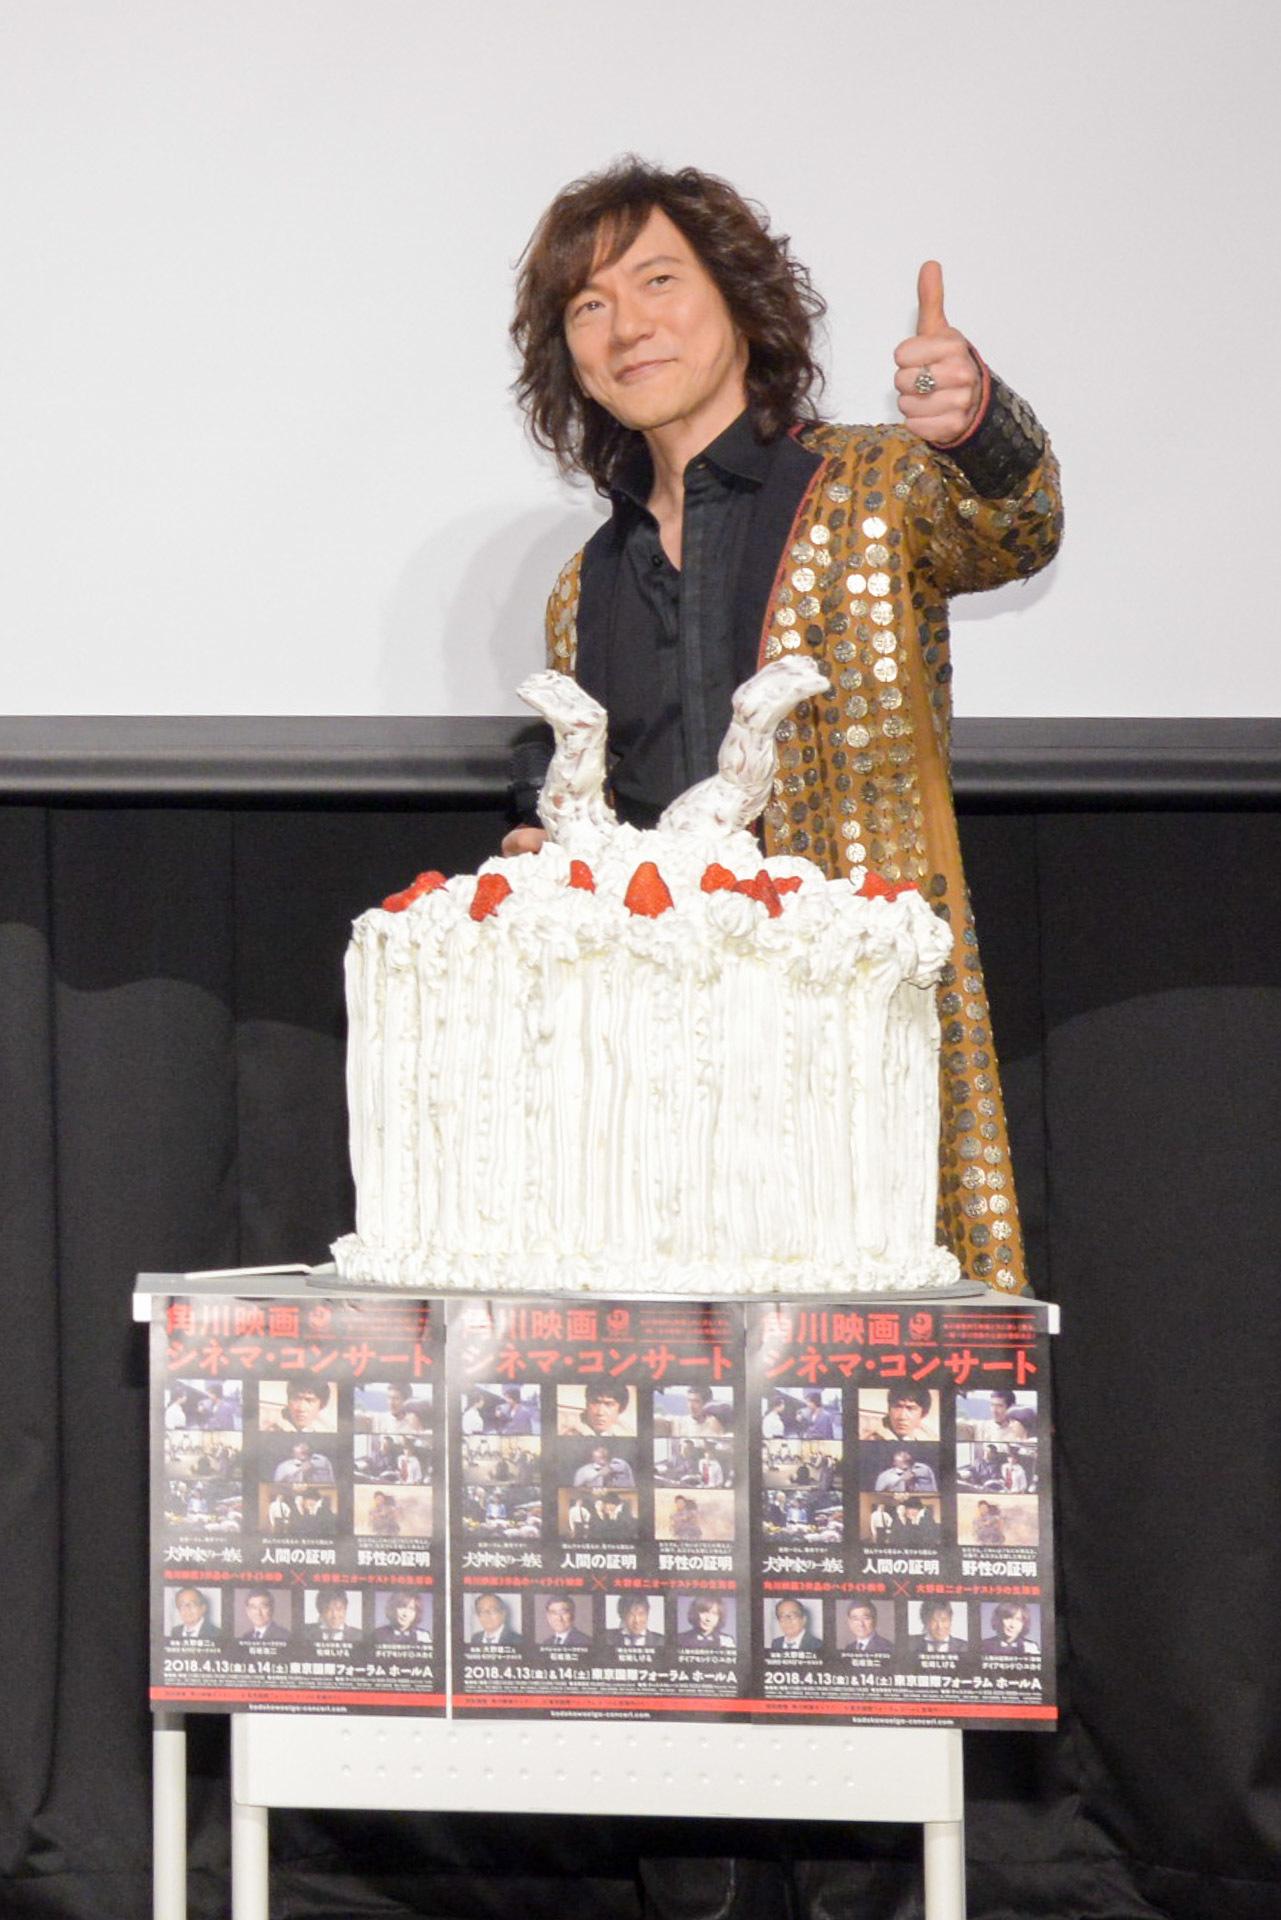 """ダイアモンド☆ユカイと""""犬神""""バースデーケーキ ※ダイアモンド☆ユカイの名前の☆は、六芒星が正式表記。 写真:木場 ヨシヒト"""